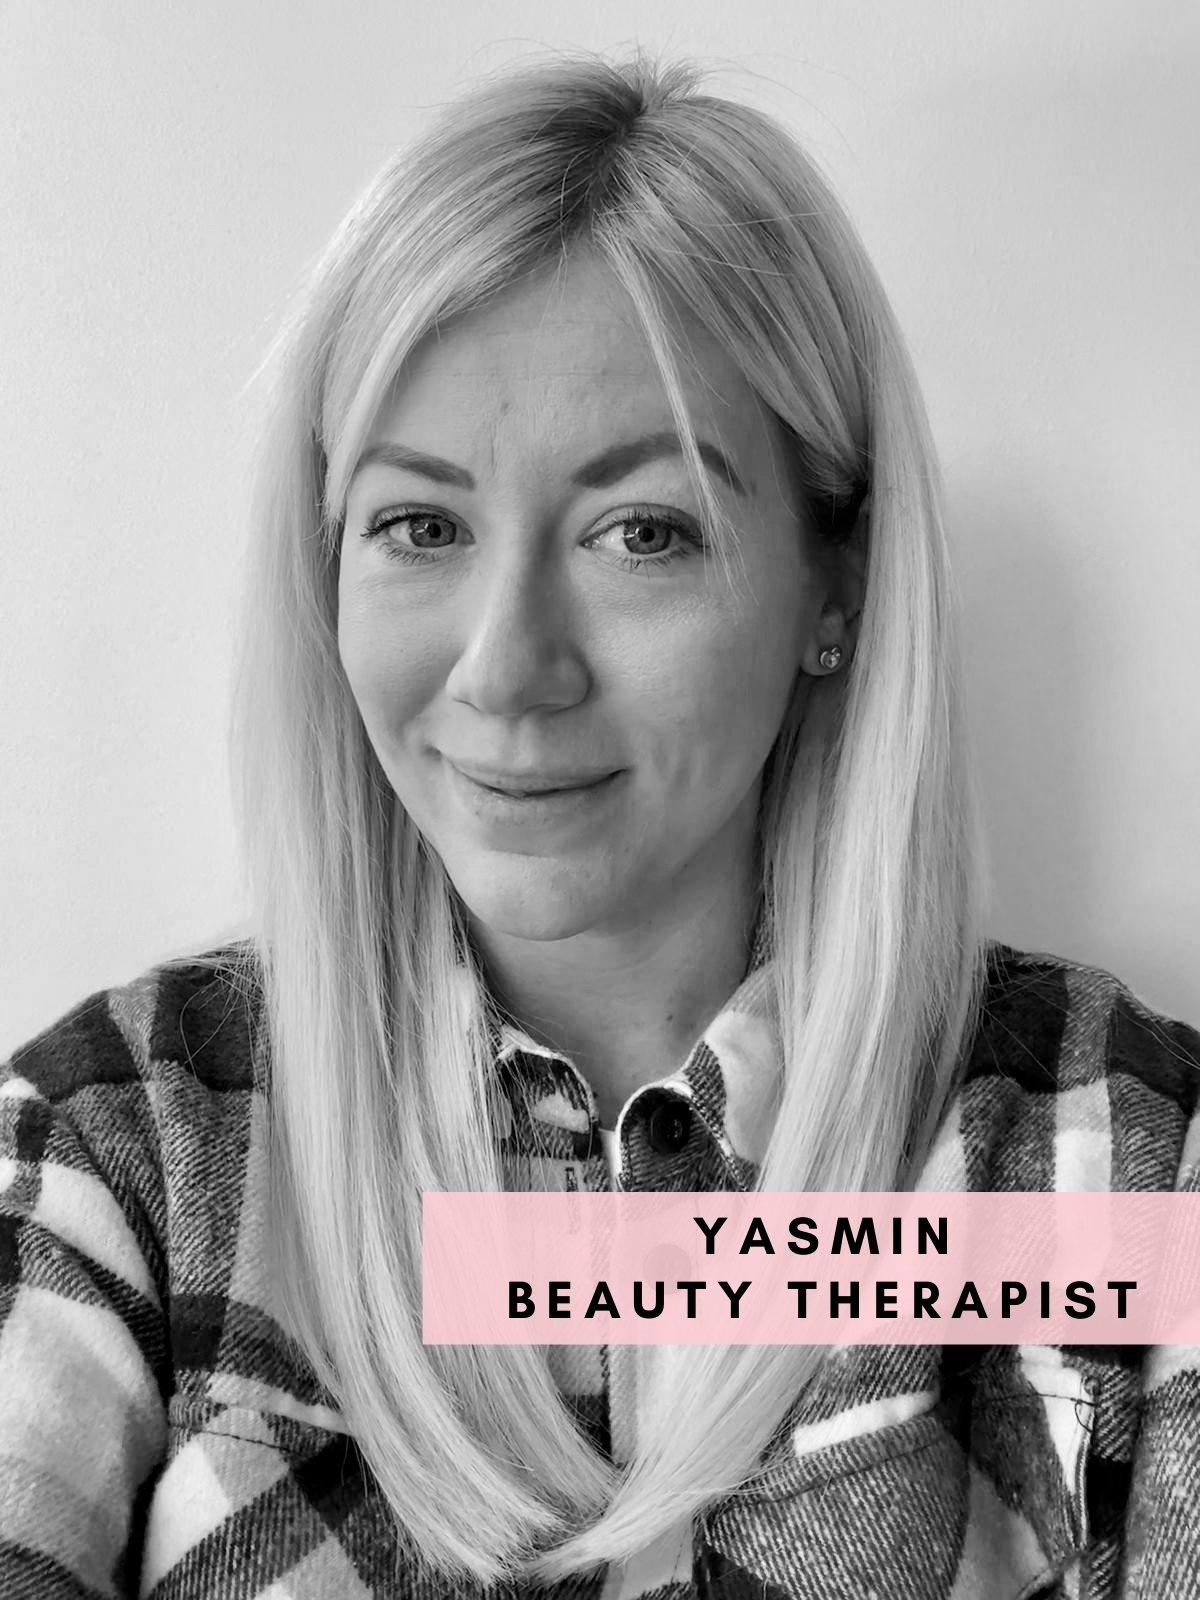 Yasmin – Beauty Therapist